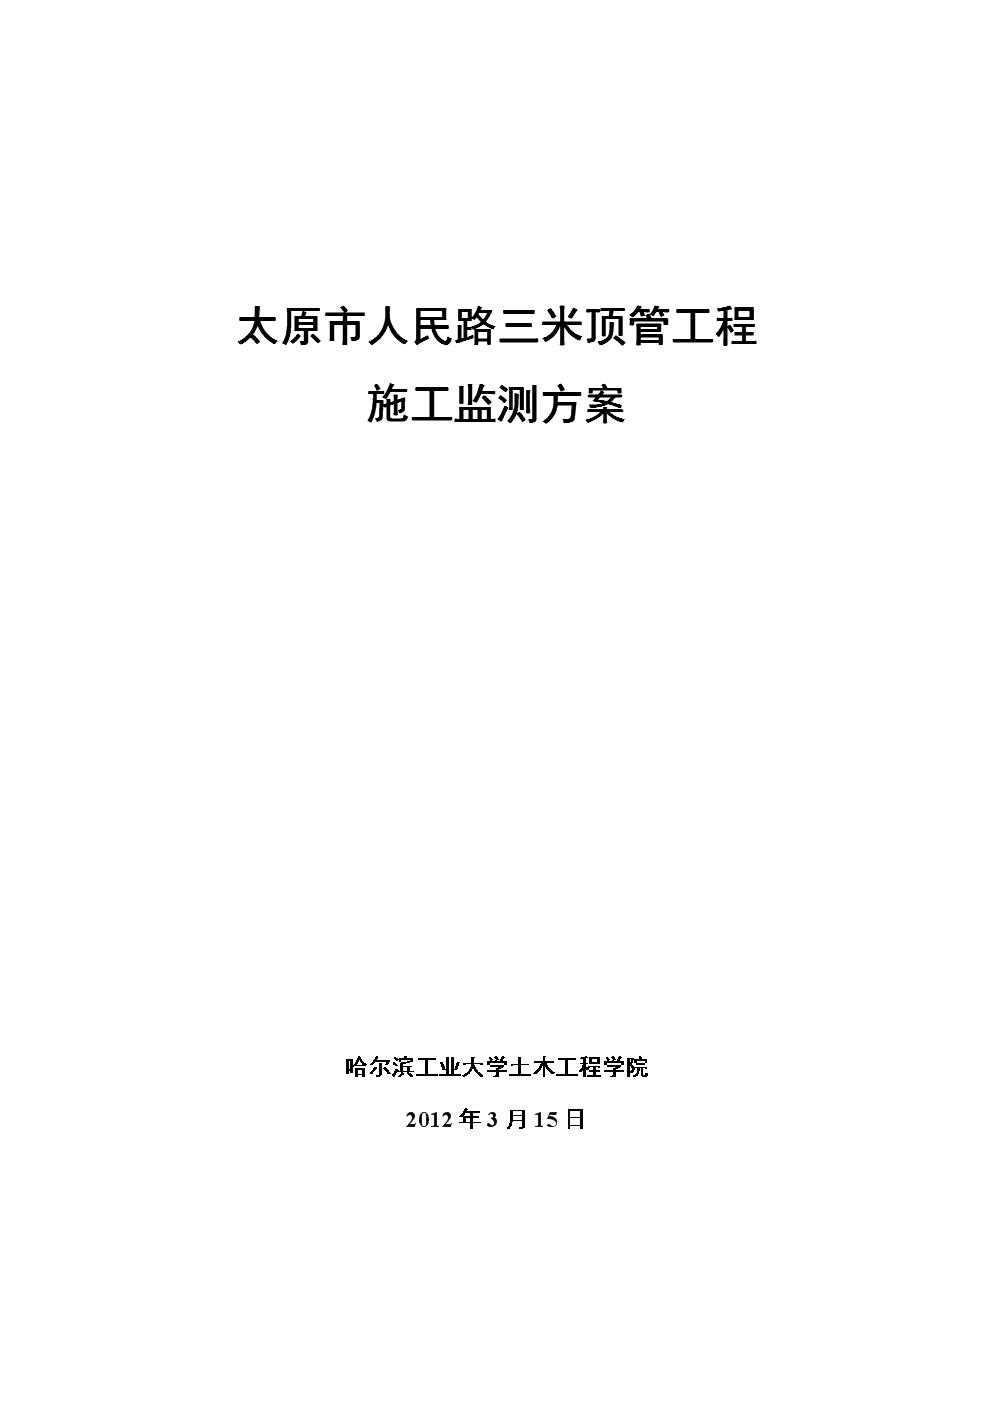 顶管工程监测方案.doc